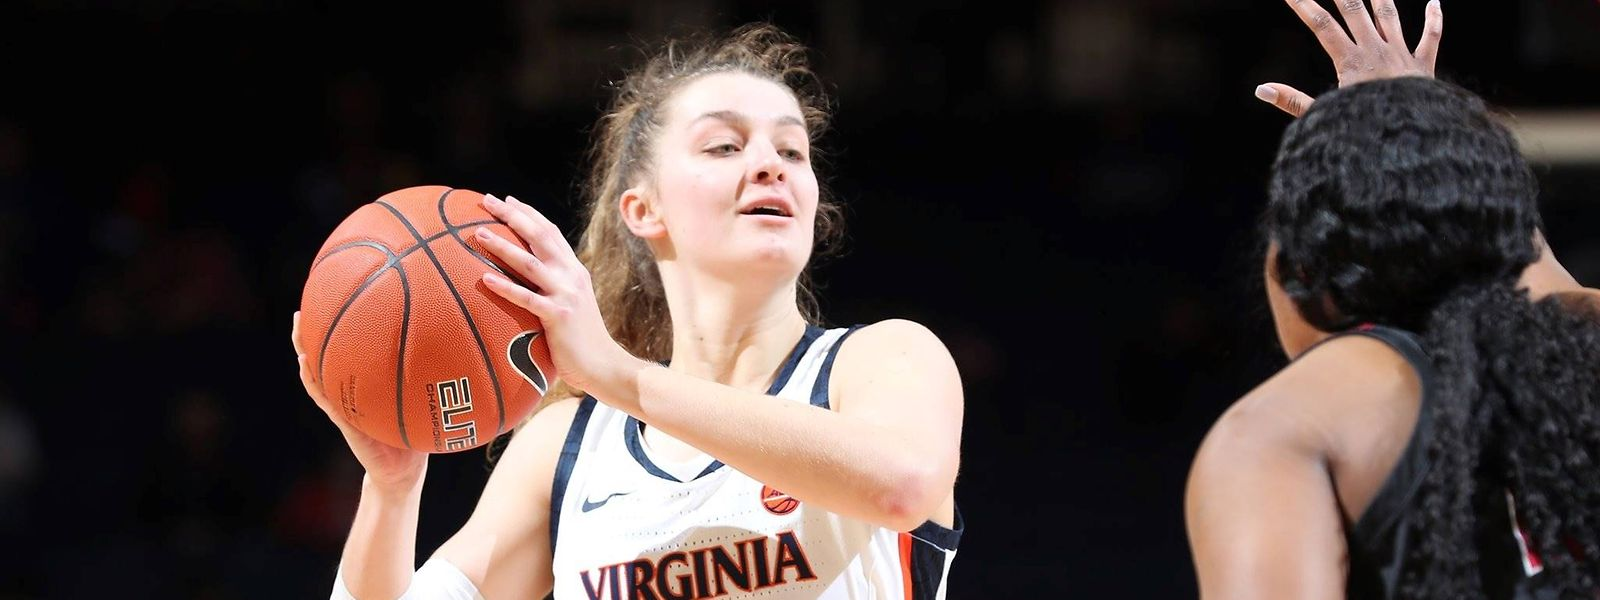 Lisa Jablonowski legt in ihrer letzten Saison bei den Virginia Cavaliers durchschnittlich 8,2 Punkte sowie 5,4 Rebounds pro Partie auf.